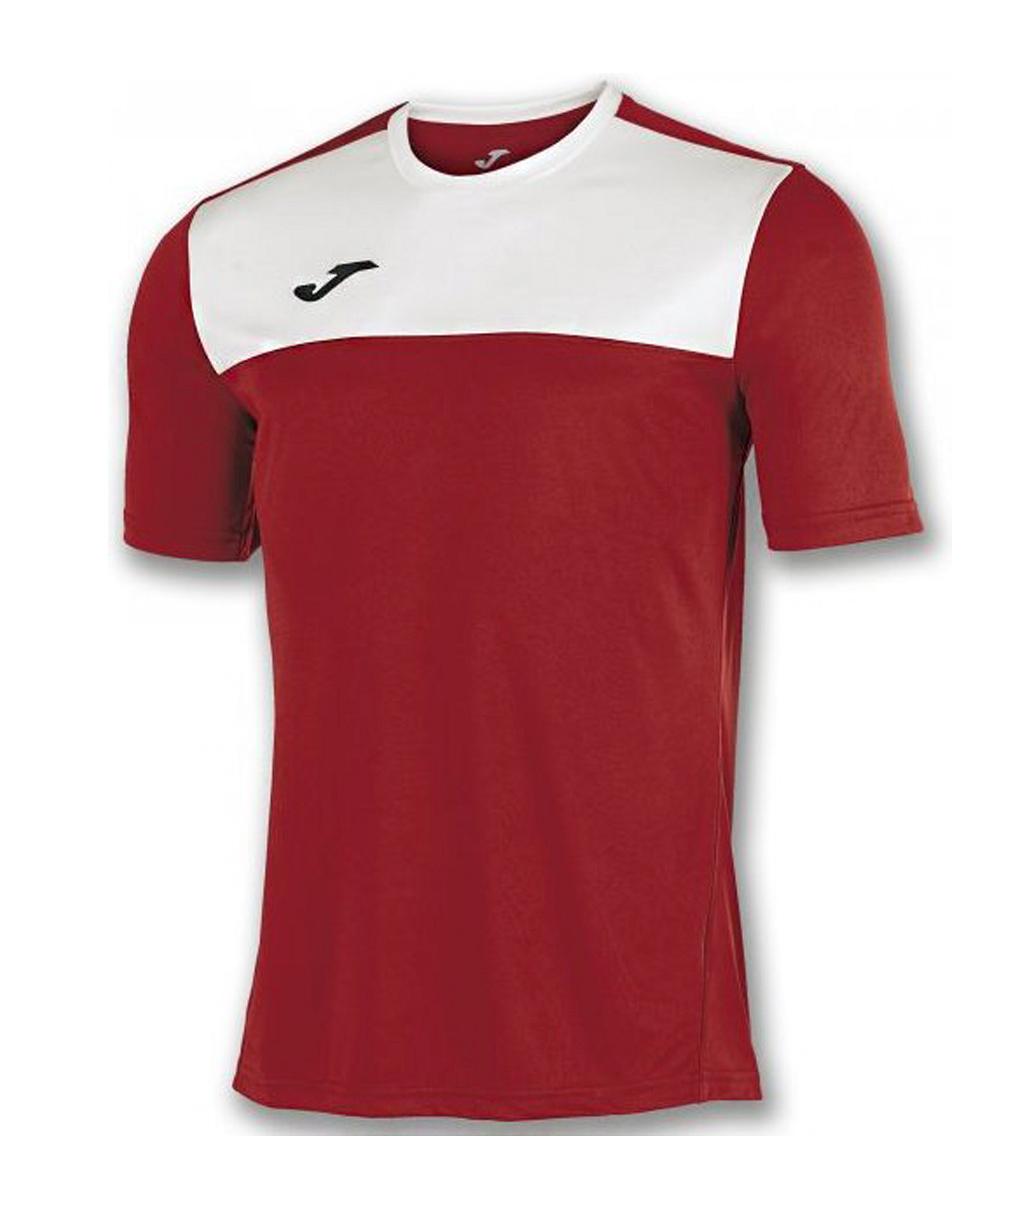 Купить футболку Joma Winner 100946.602 в интернет-магазине